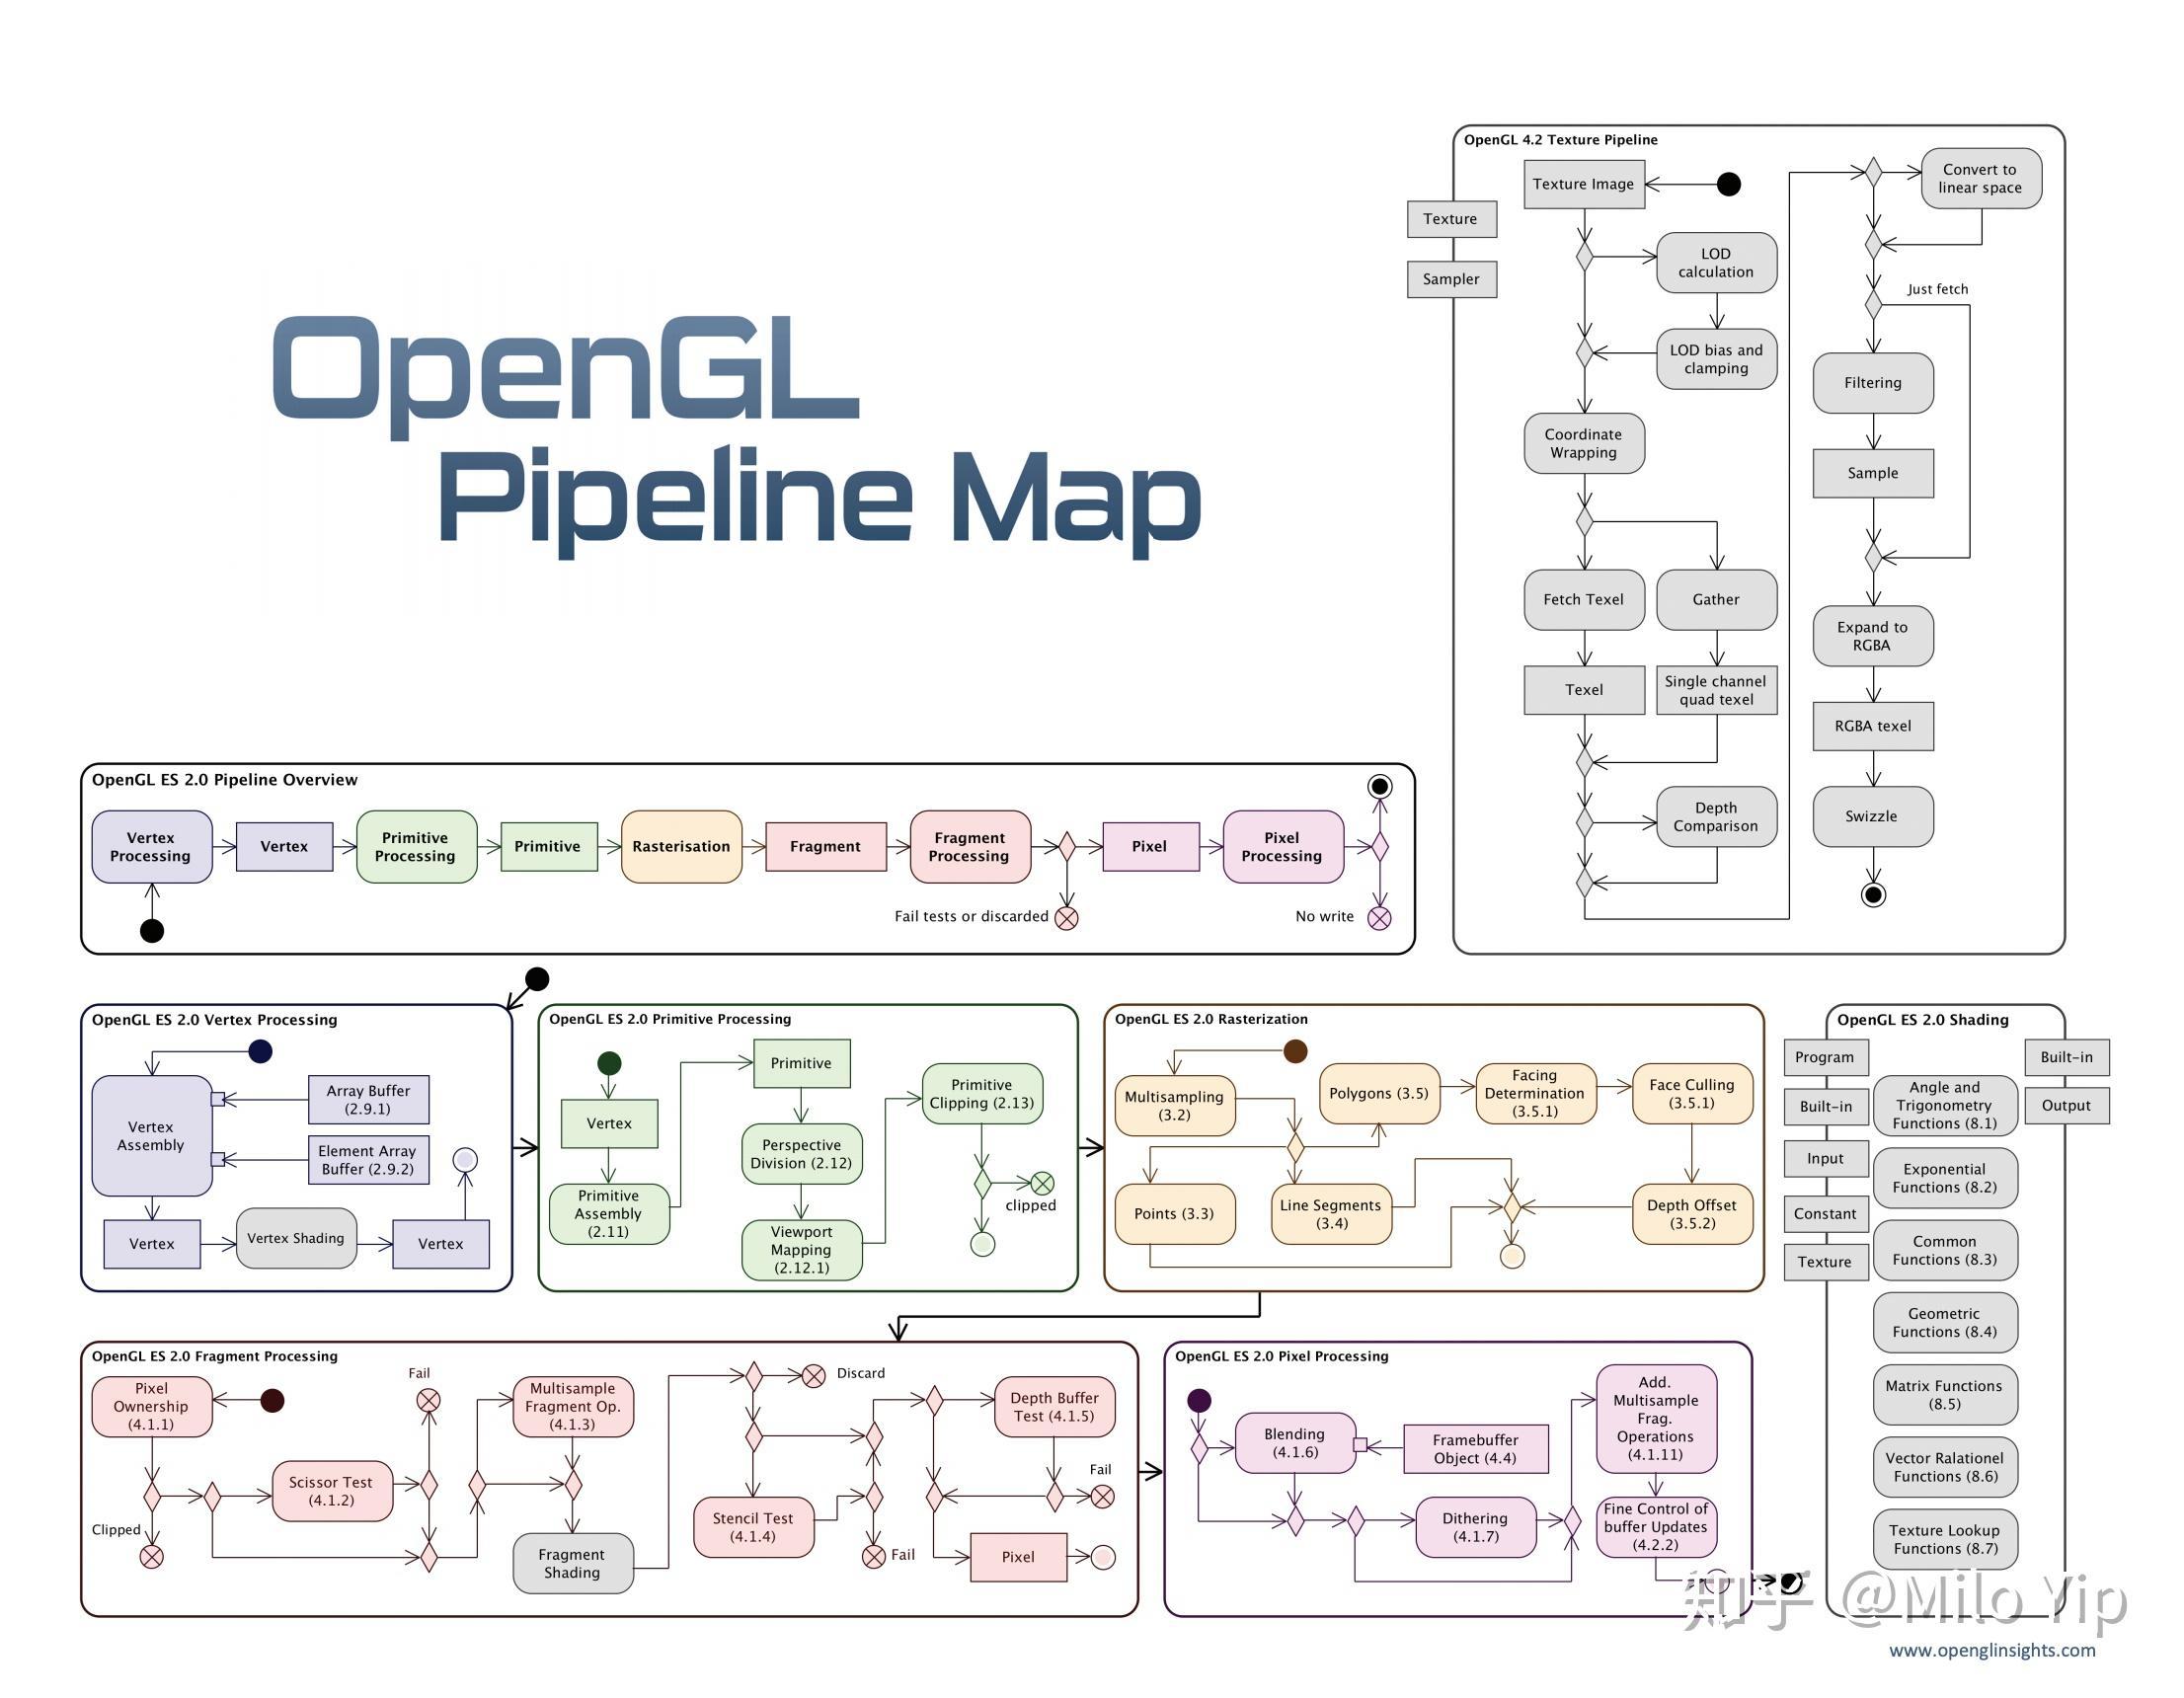 ak47原理图动画_有没有简单易懂的动画或图片,可以深入透彻解释OpenGL的工作 ...